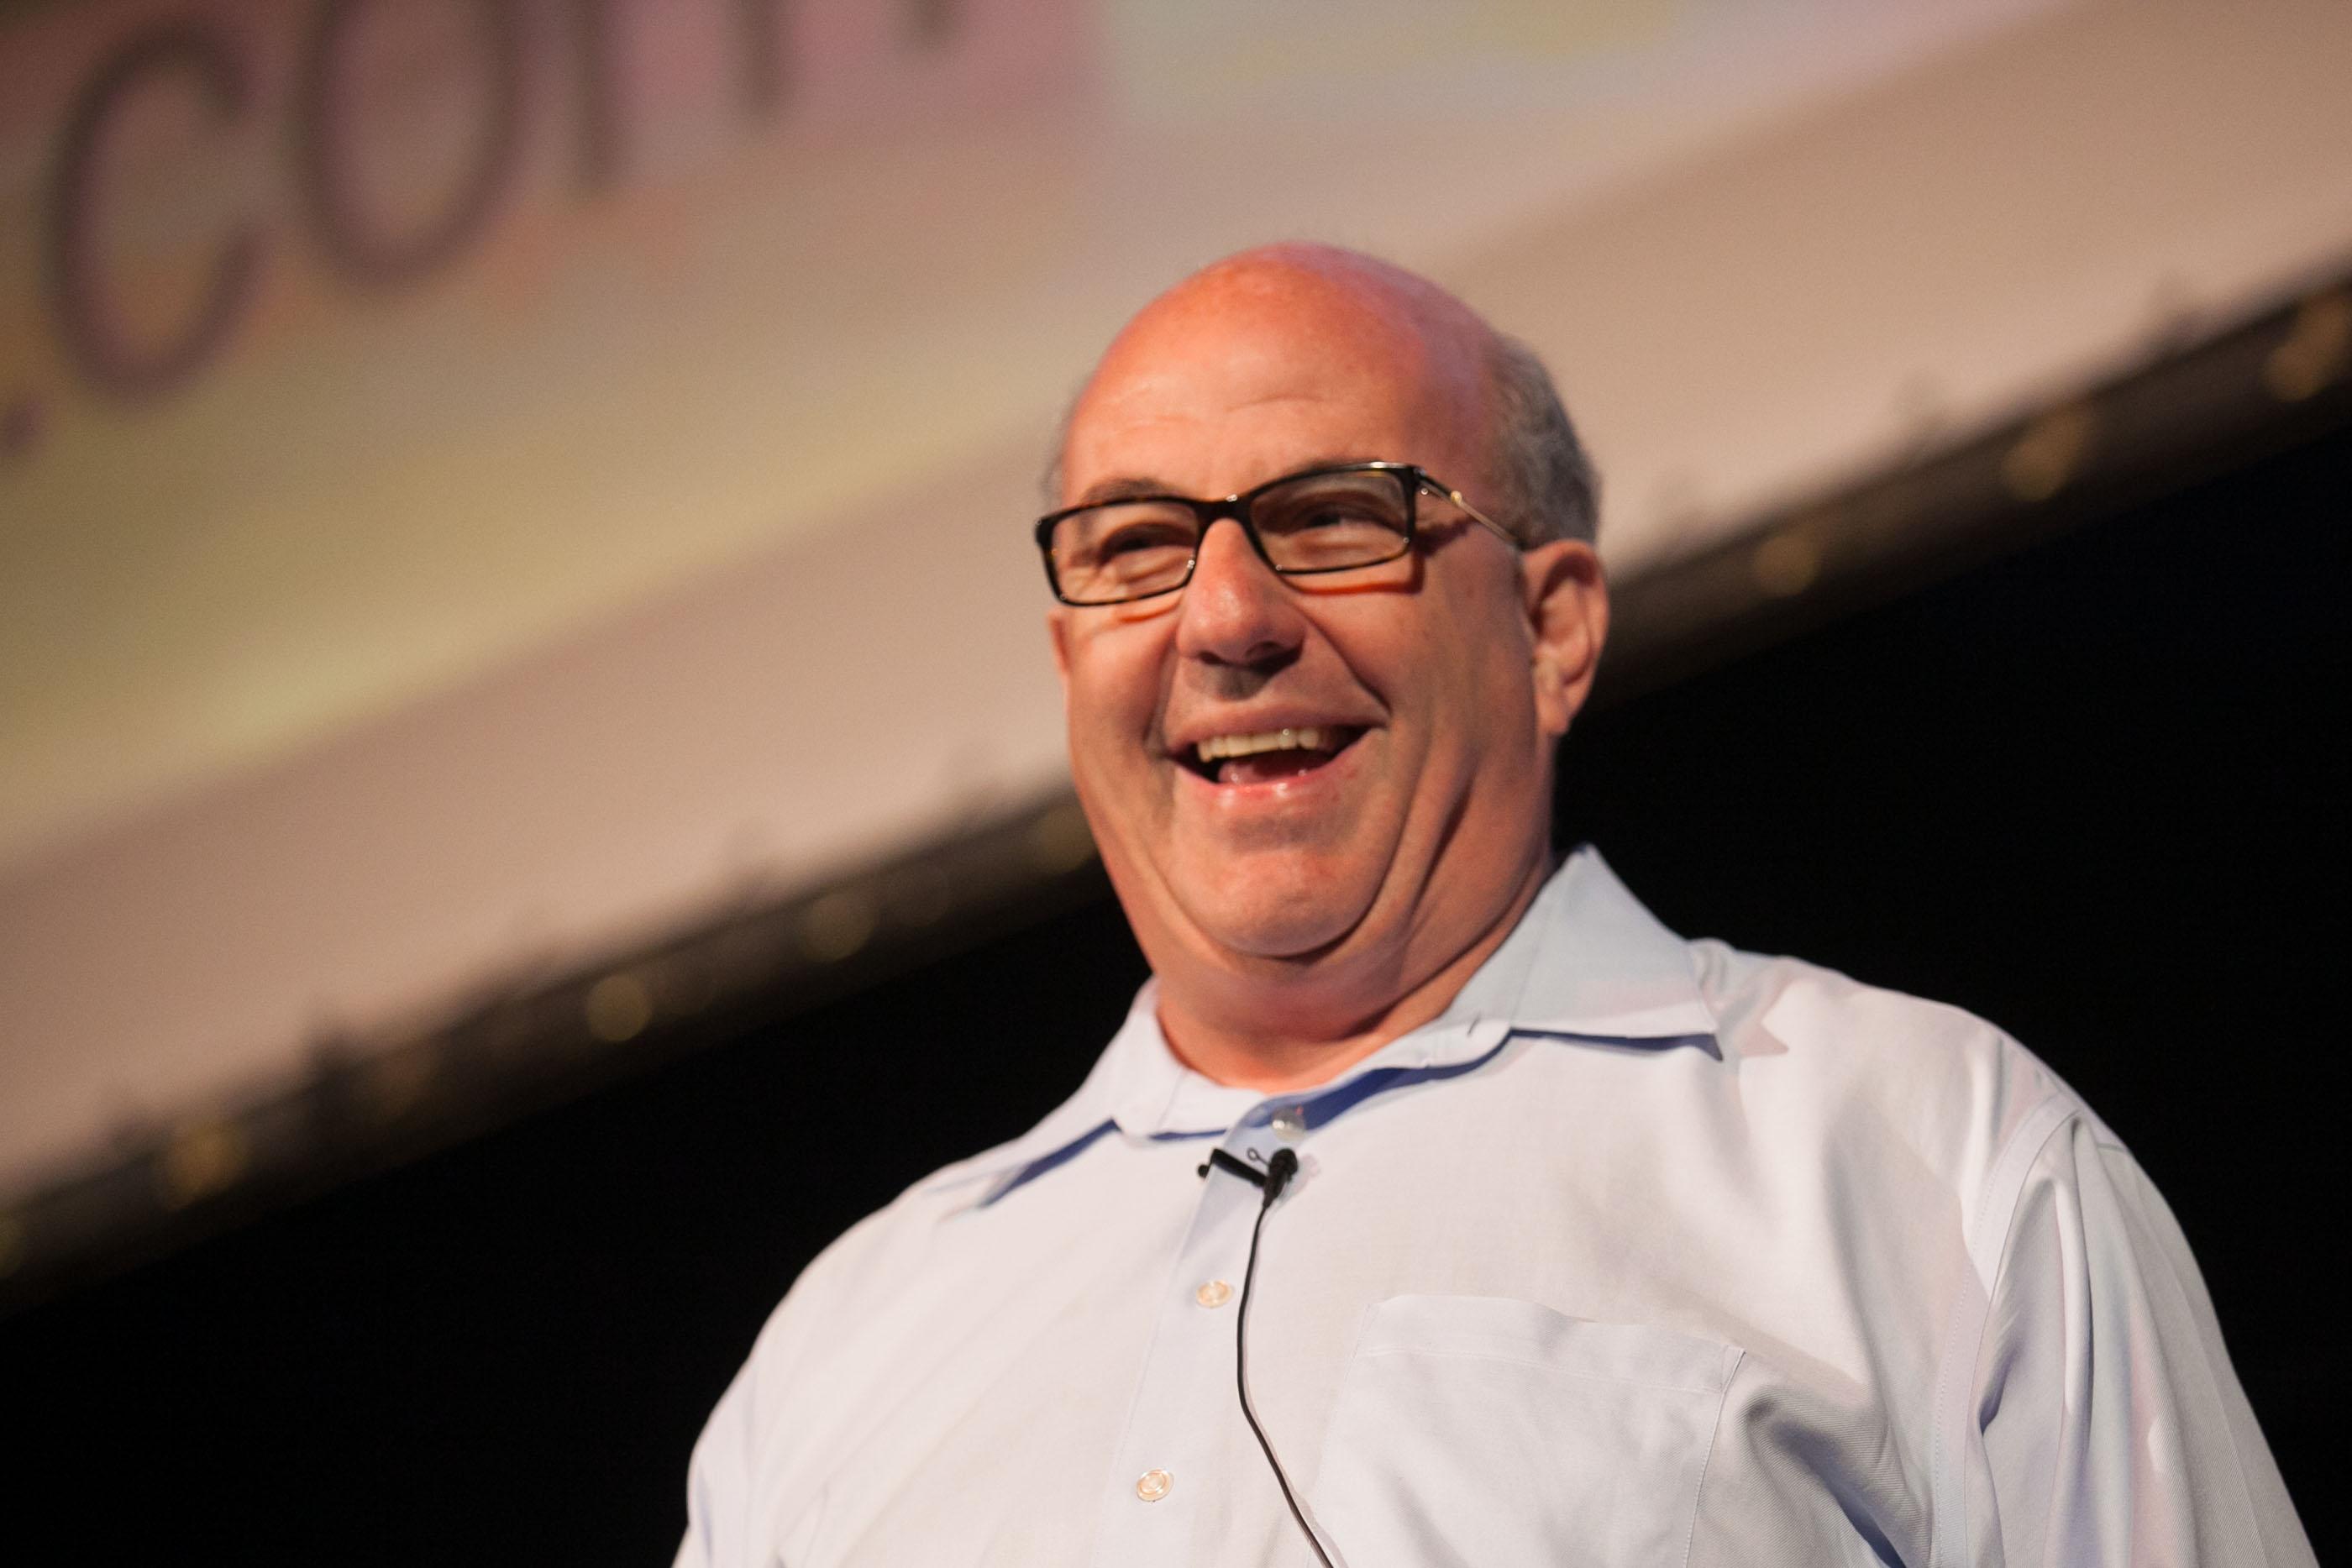 Jeff Hoffman, former Priceline exec